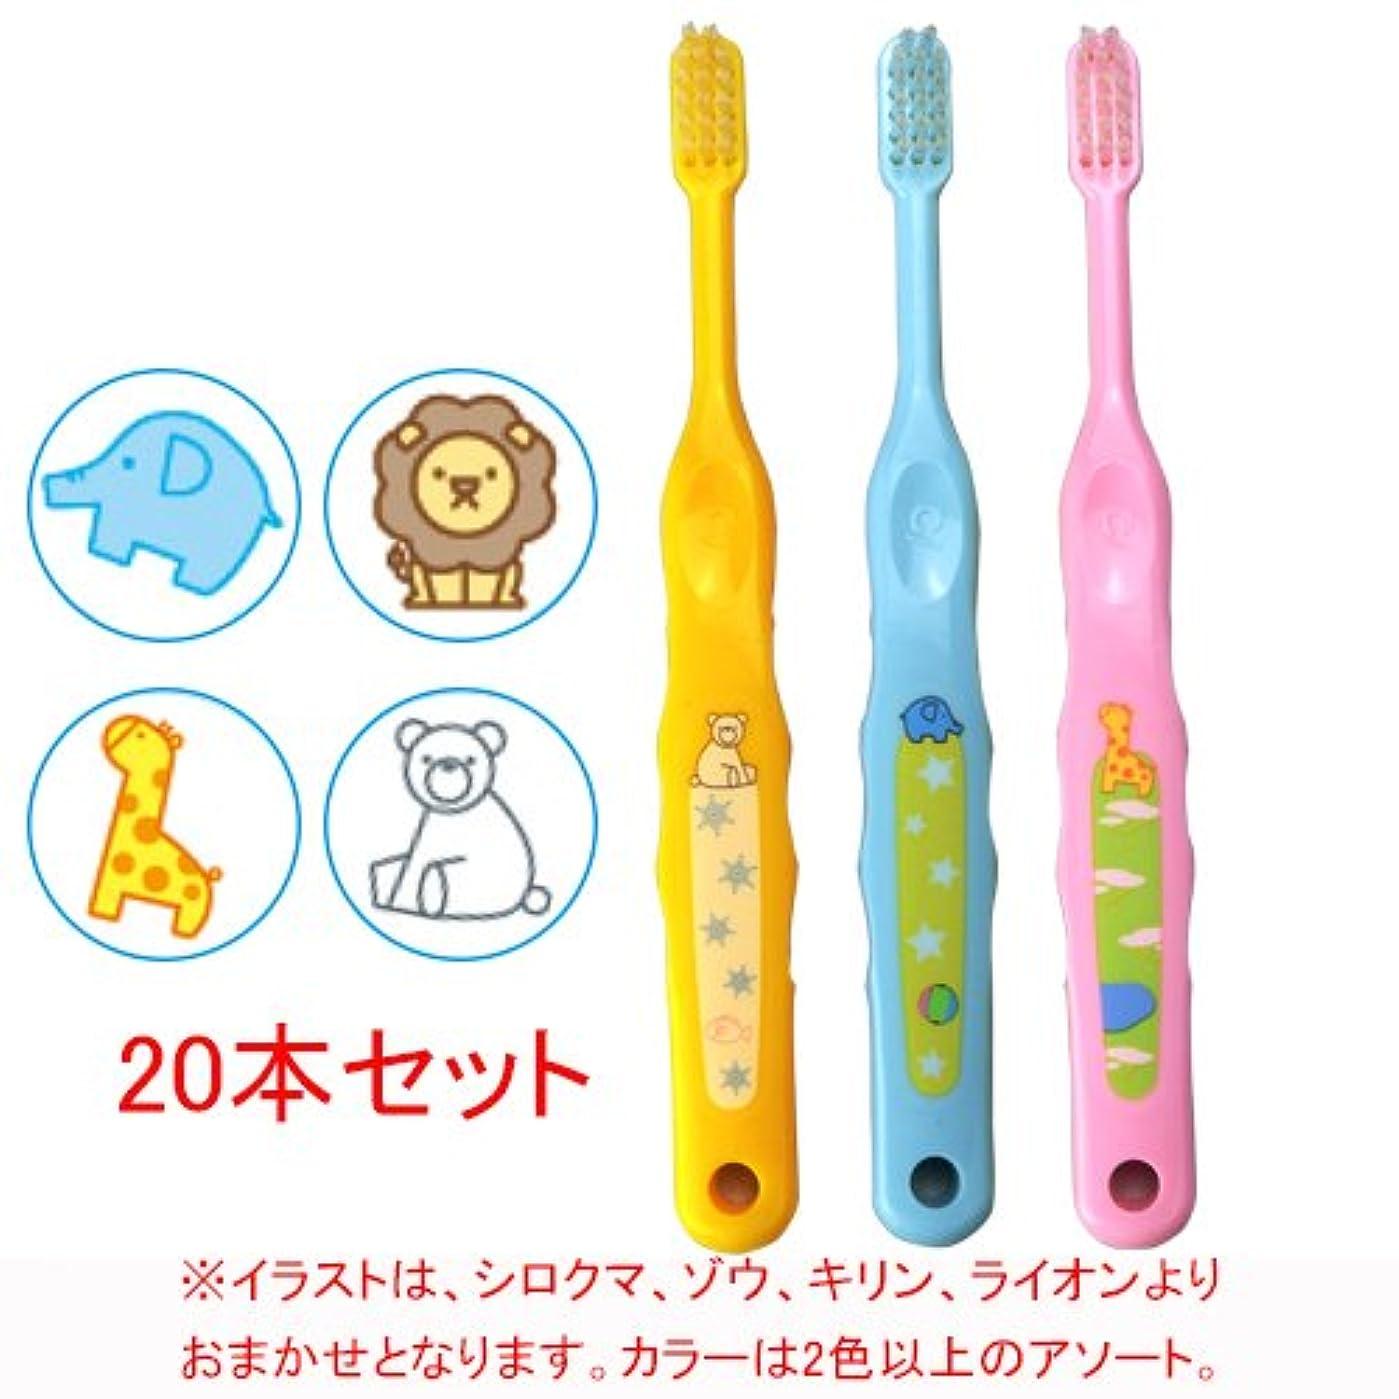 資源断言する海藻Ciメディカル Ci なまえ歯ブラシ 502 (ふつう) (乳児~小学生向)×20本